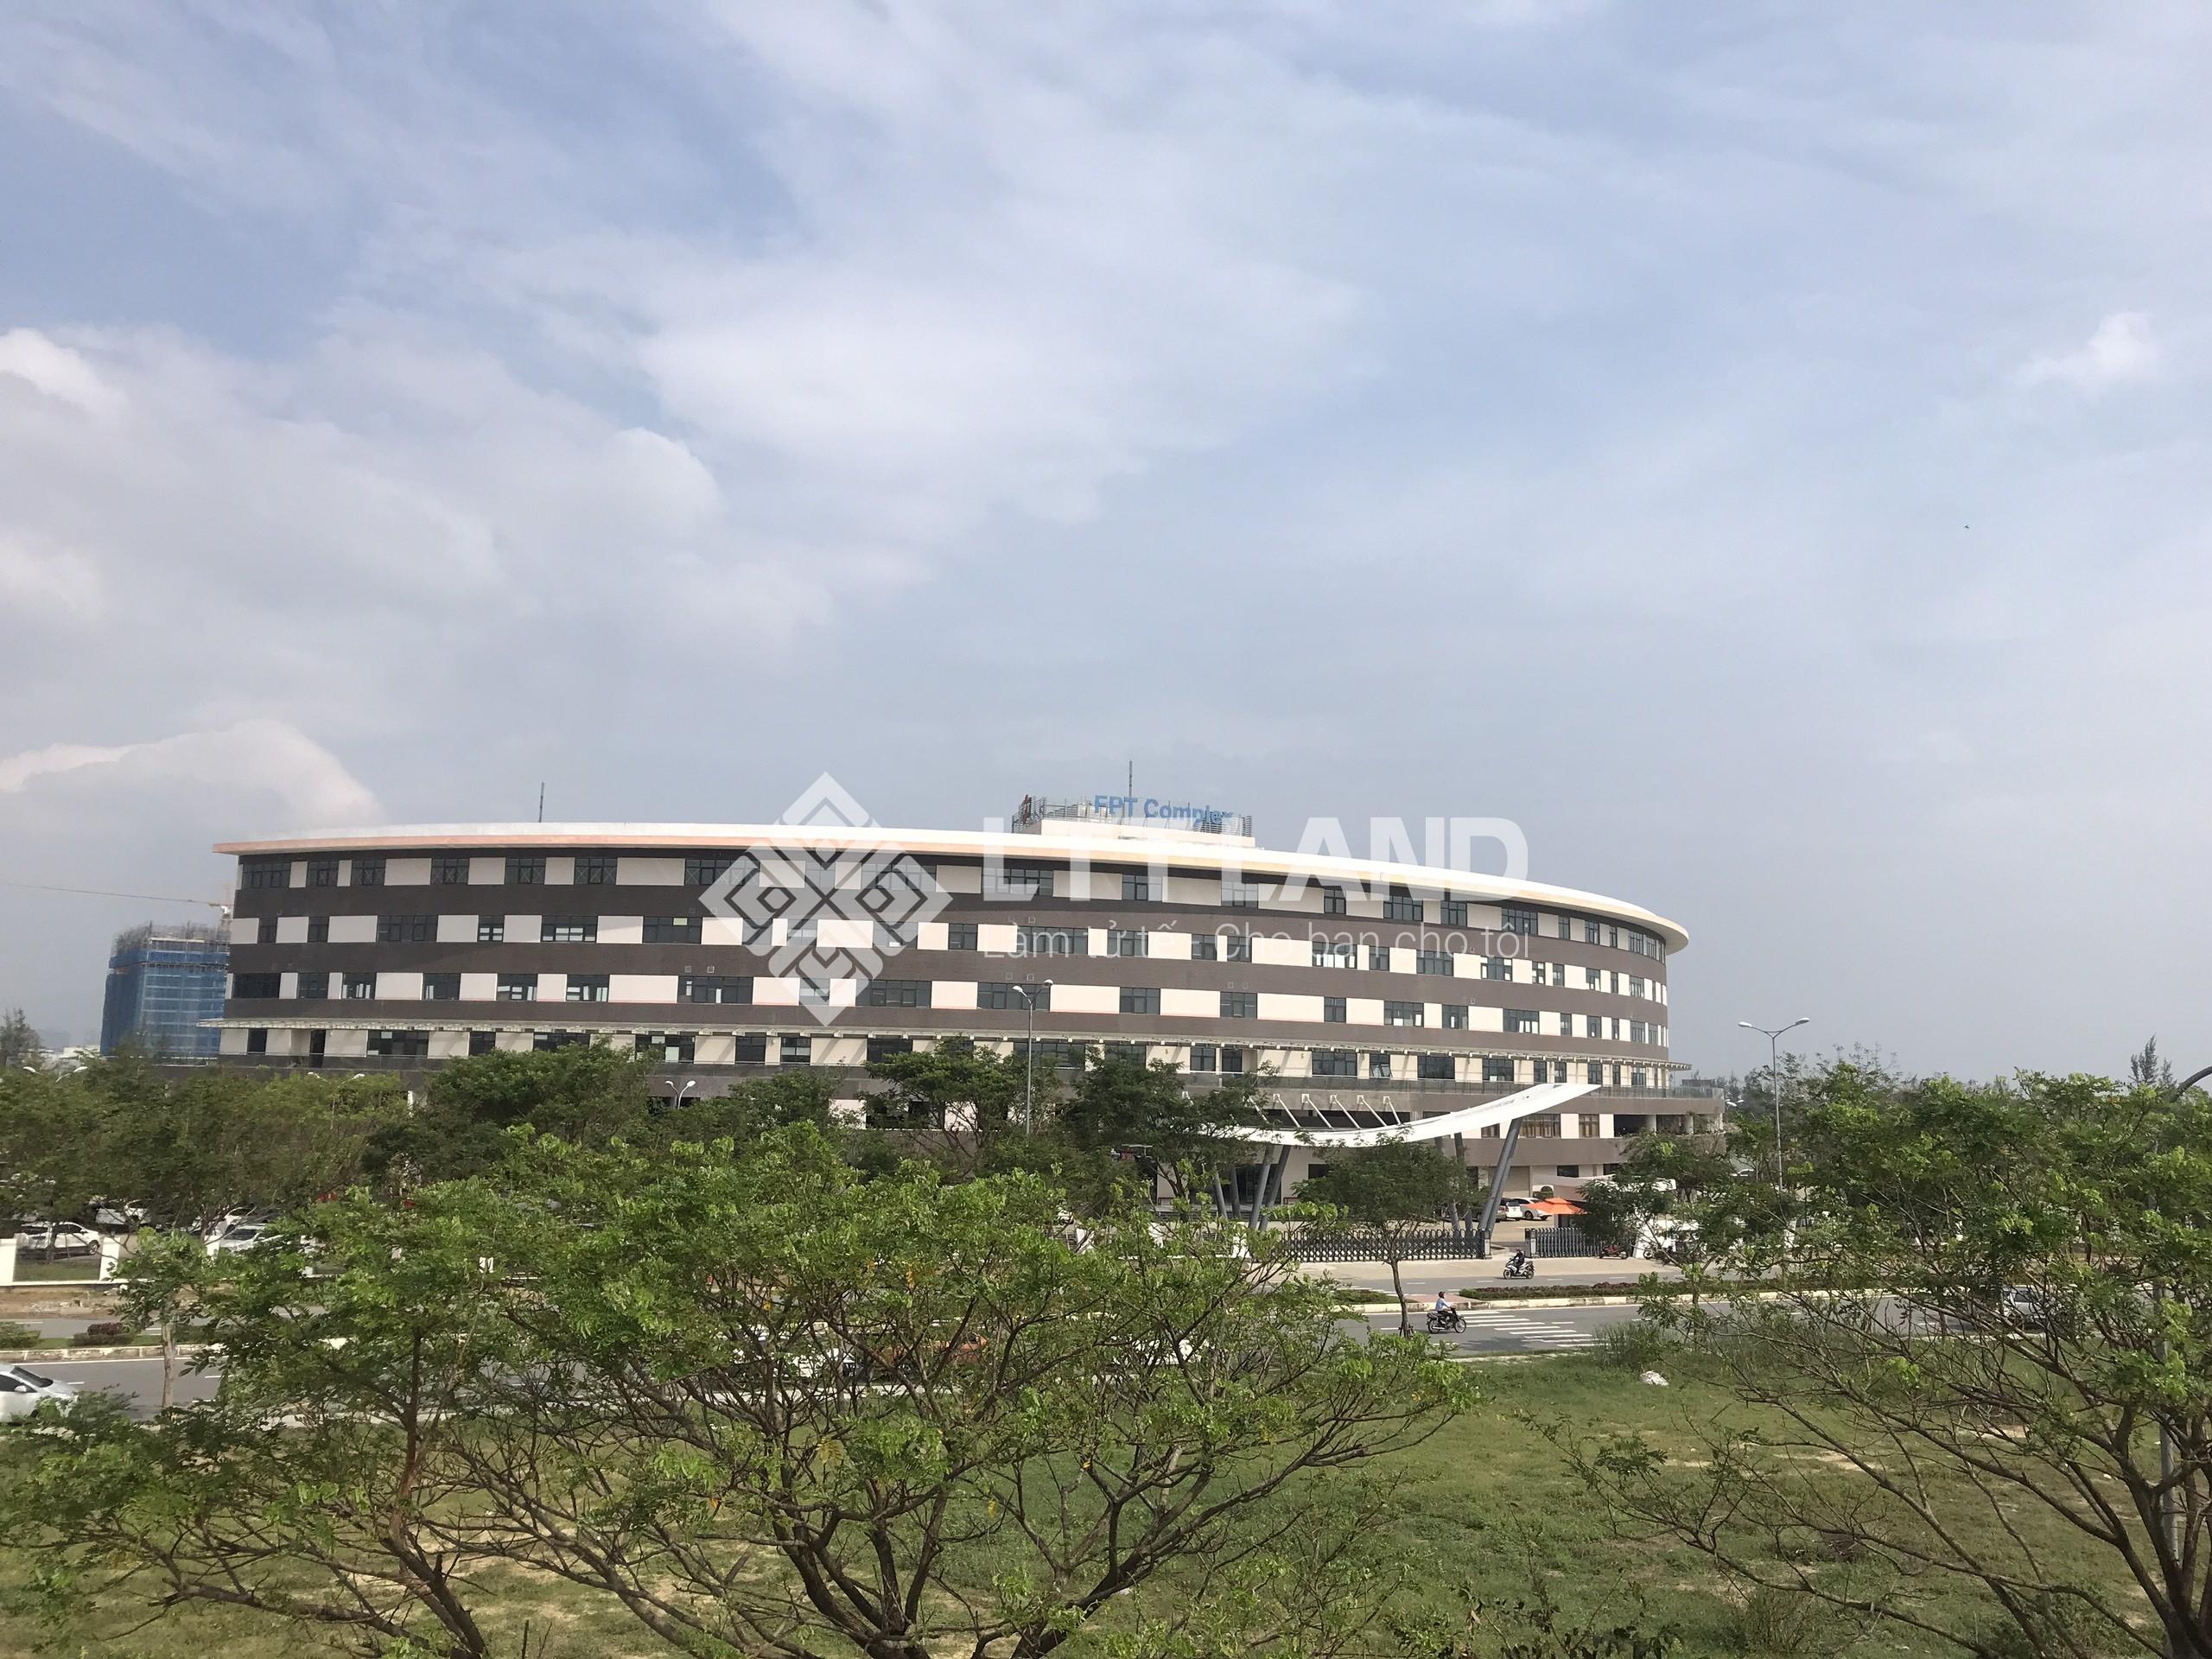 BÁN LÔ ĐẤT BIỆT THỰ SIÊU ĐẸP TẠI FPT CITY- 416M2